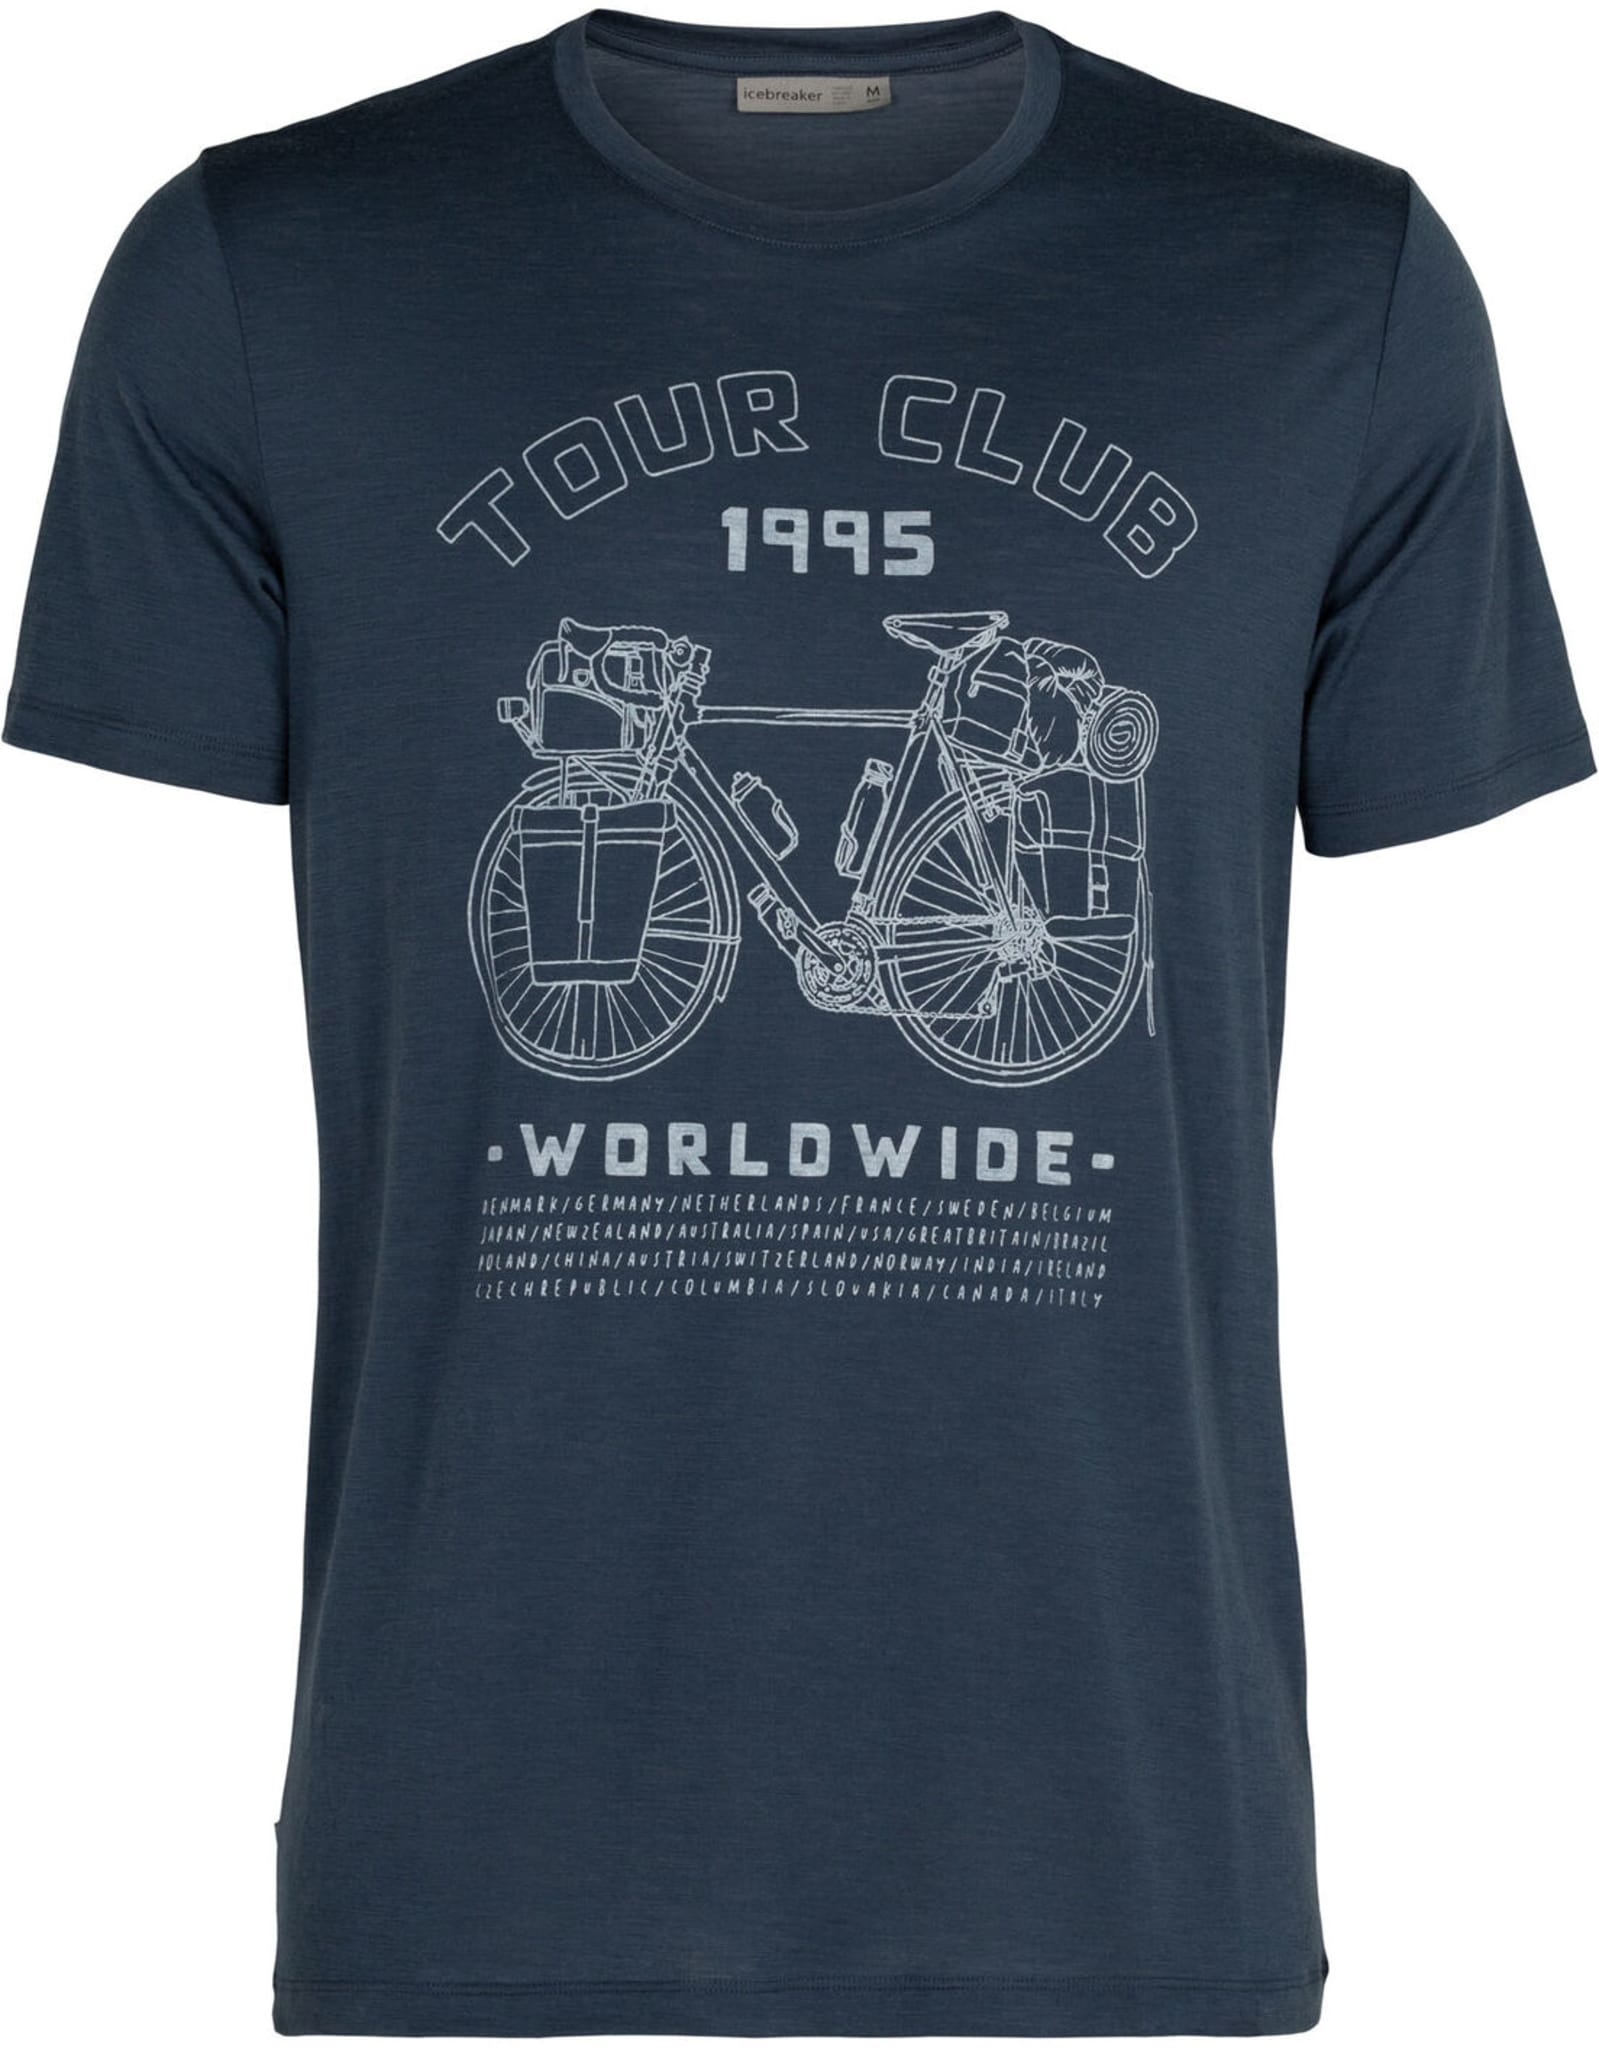 Allsidig og behagelig t-skjorte i merinoull fra Icebreaker.